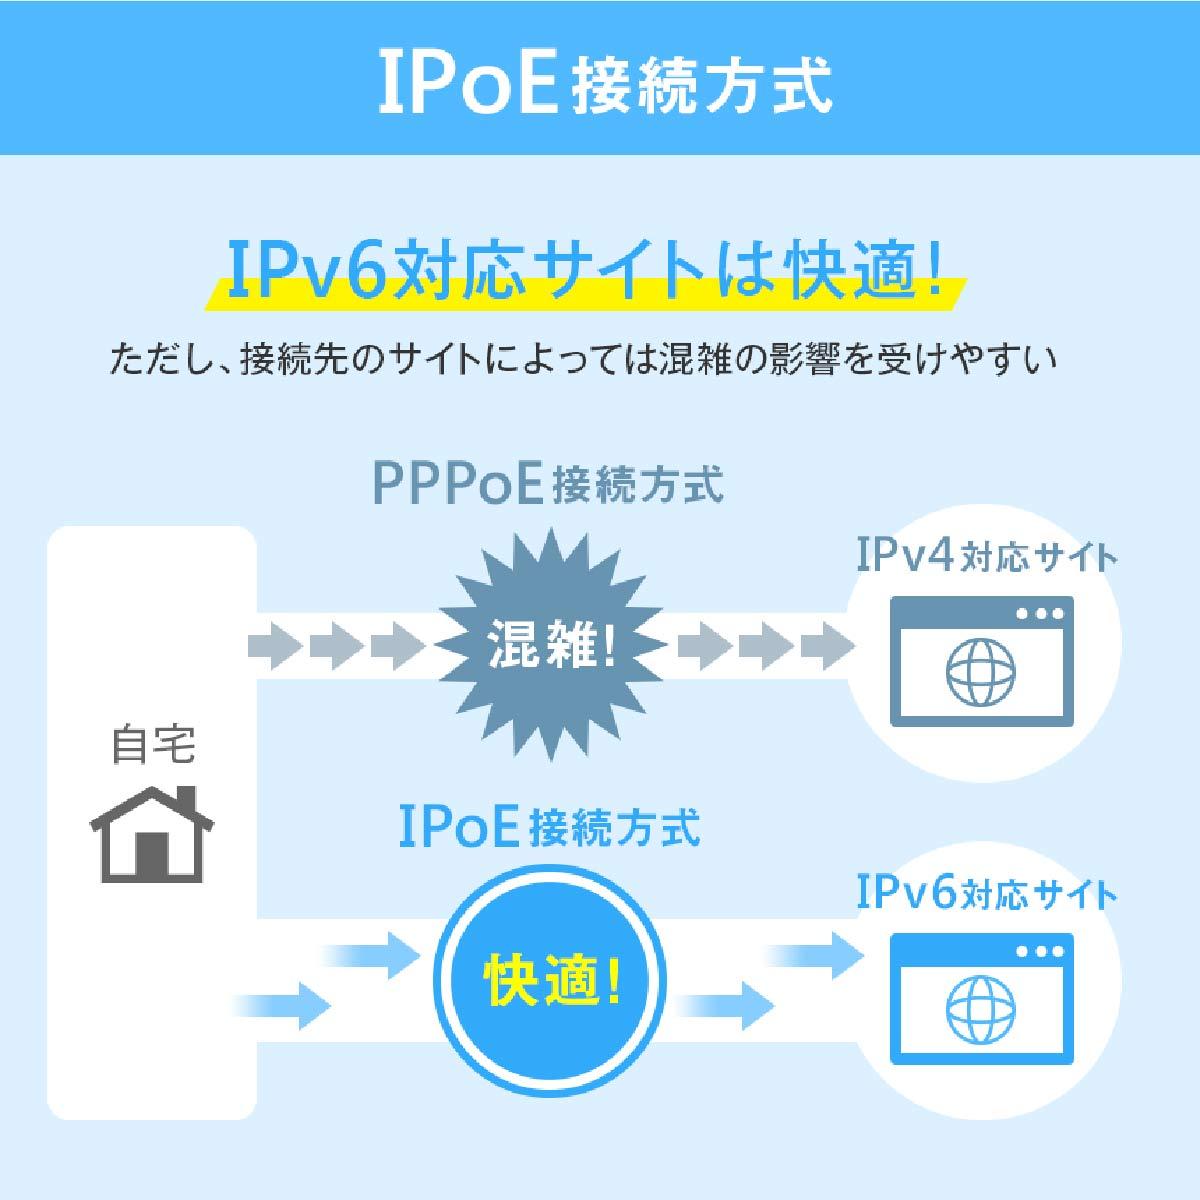 家のネットが遅い! そんなときは「IPoE」をチェック